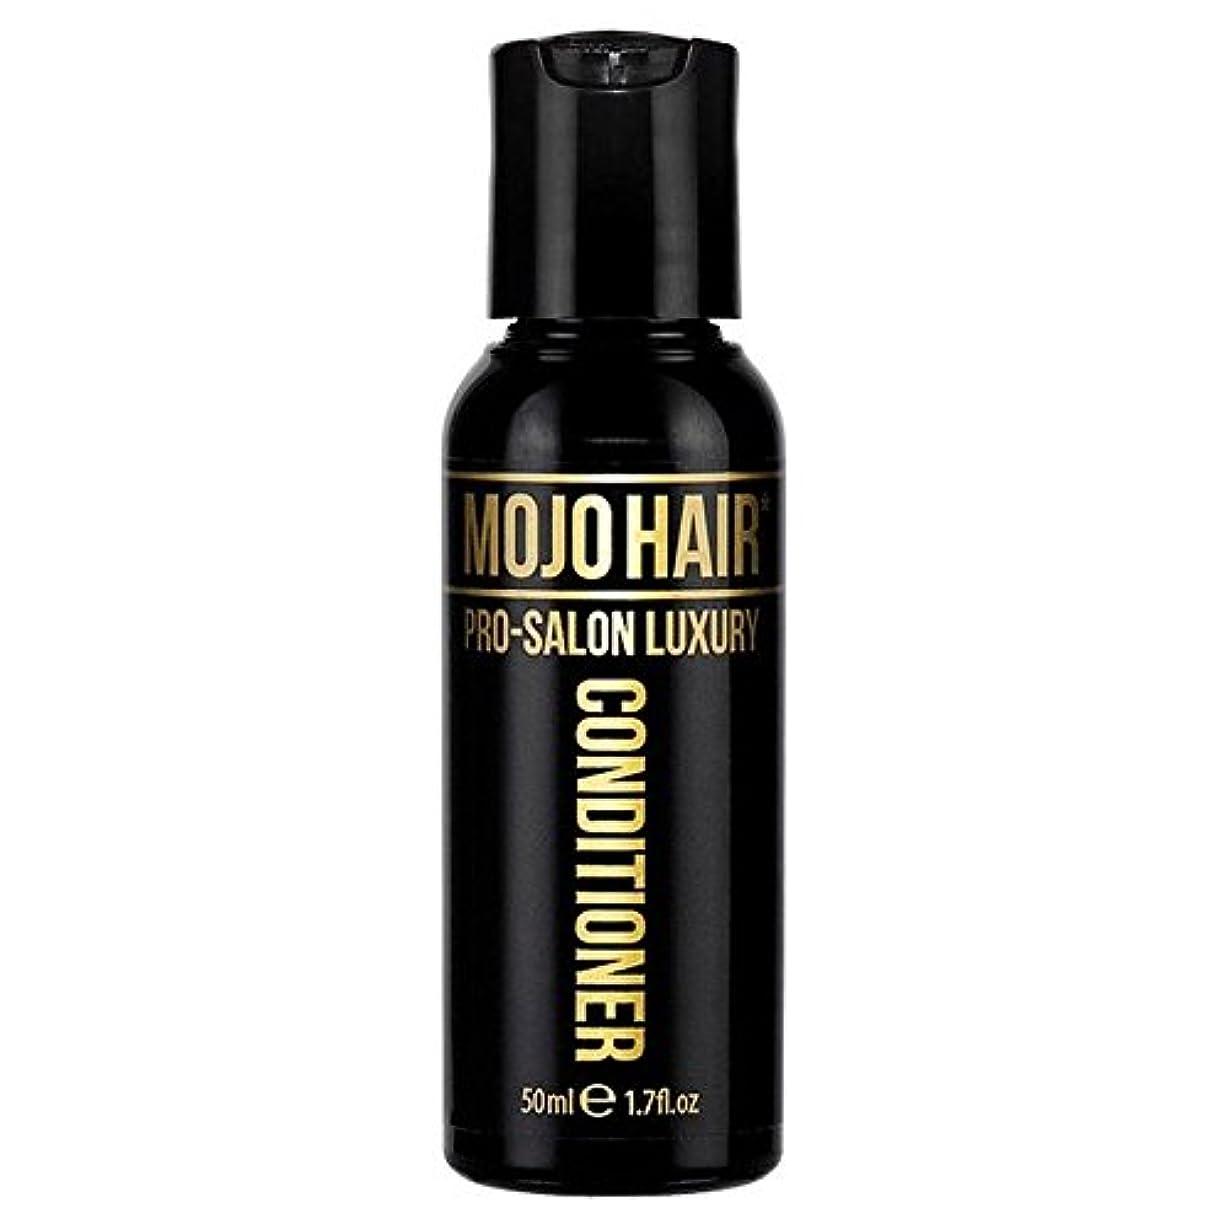 残酷議会引く男性のためのモジョの毛プロのサロンの贅沢な香りコンディショナー、トラベルサイズの50ミリリットル x2 - MOJO HAIR Pro-Salon Luxury Fragrance Conditioner for Men...